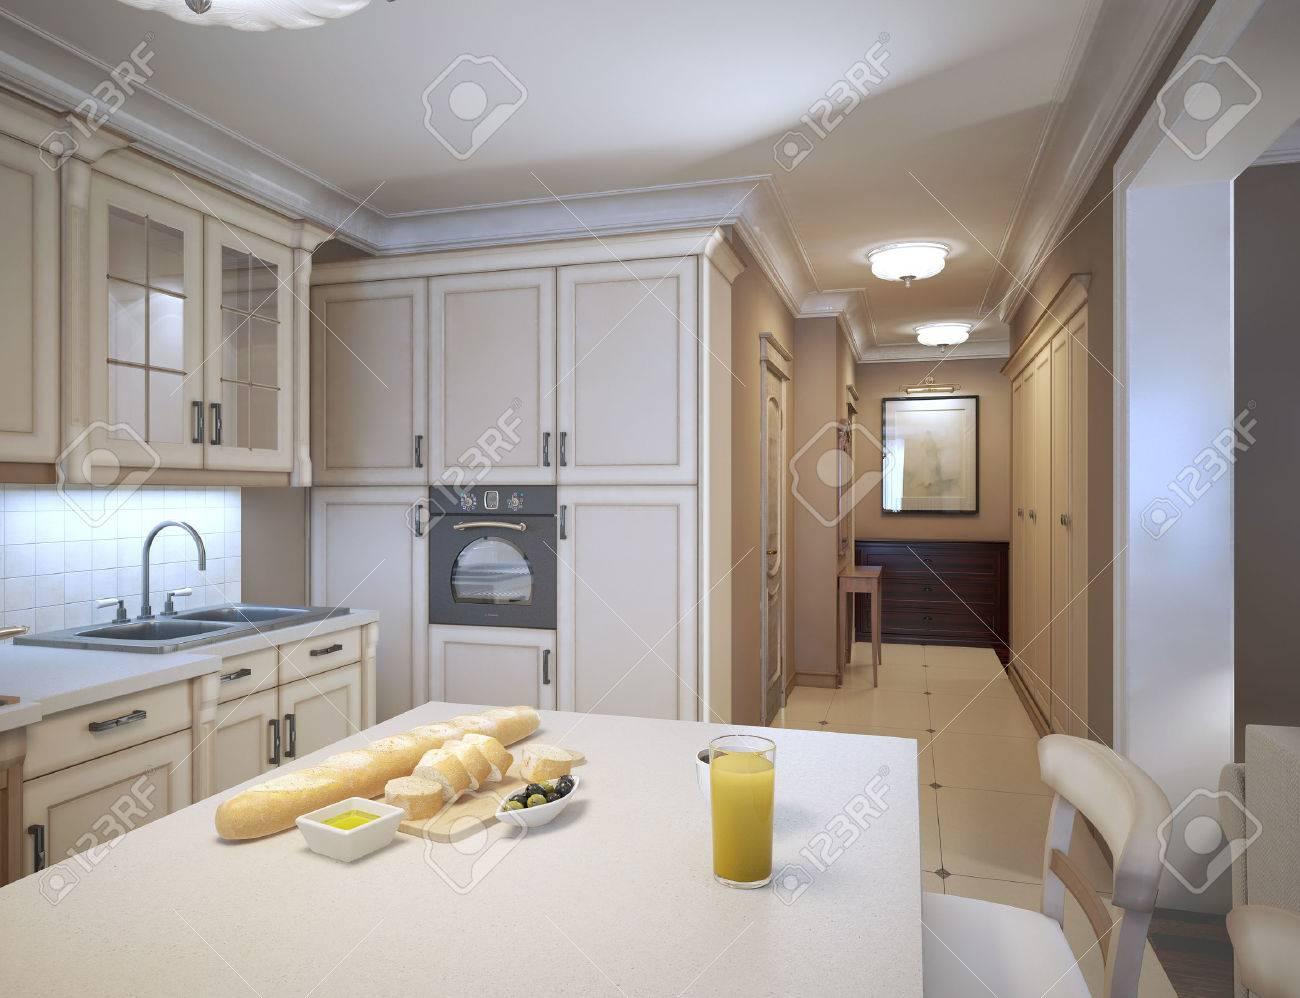 blanc art de la cuisine de style dco conception des ides pour une cuisine traditionnelle avec des armoires blanches des comptoirs en marbre